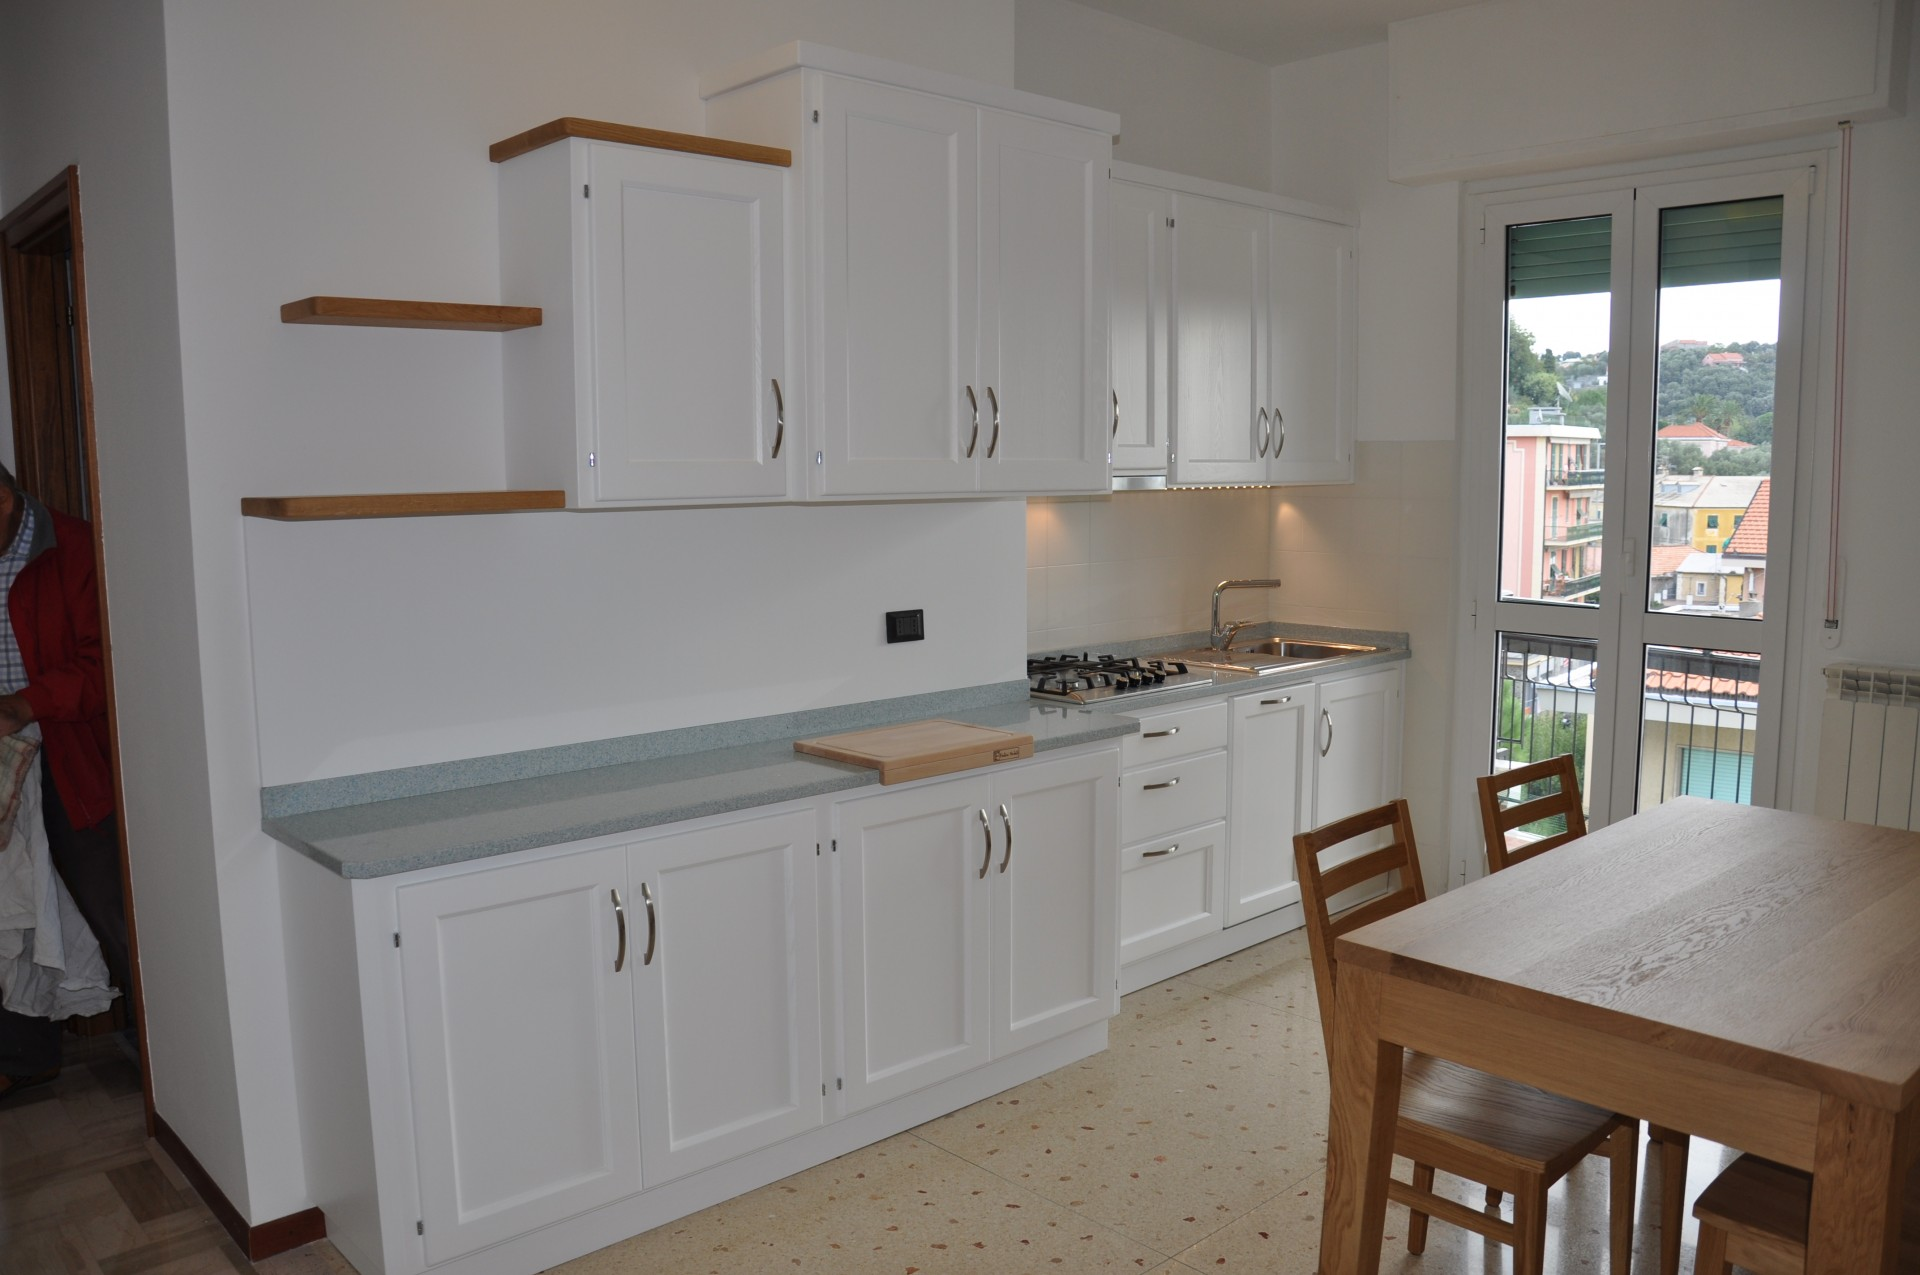 Cucine moderne fadini mobili cerea verona - Top cucina su misura ...